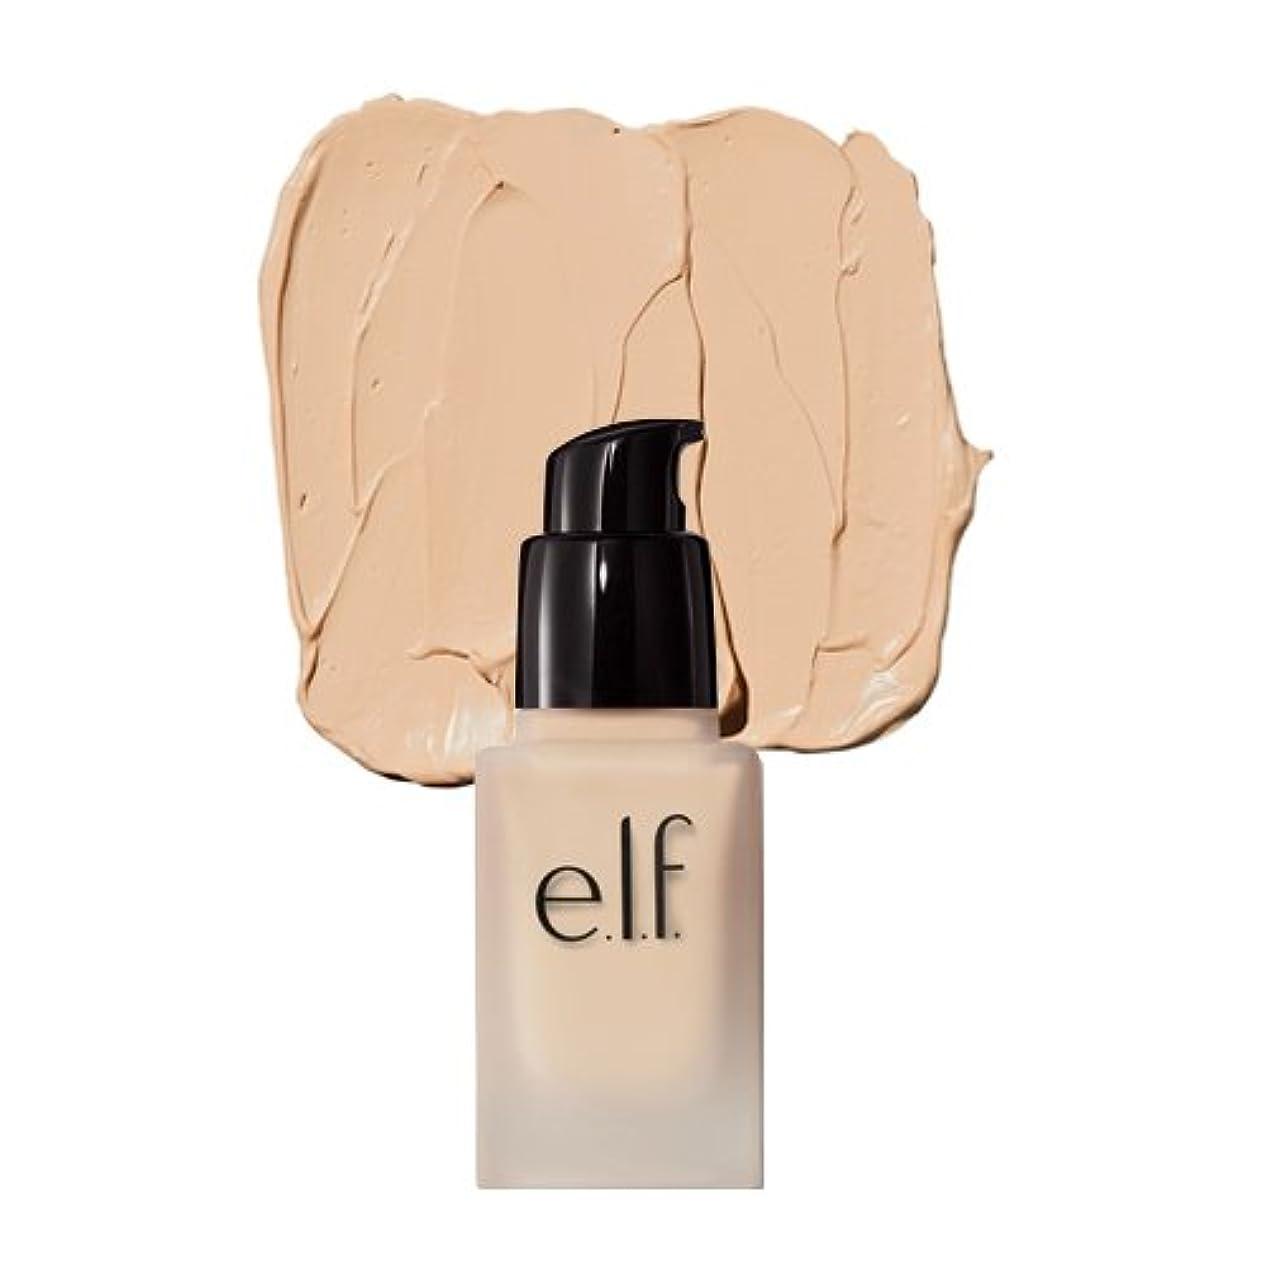 回想次編集者(3 Pack) e.l.f. Oil Free Flawless Finish Foundation - Light Ivory (並行輸入品)